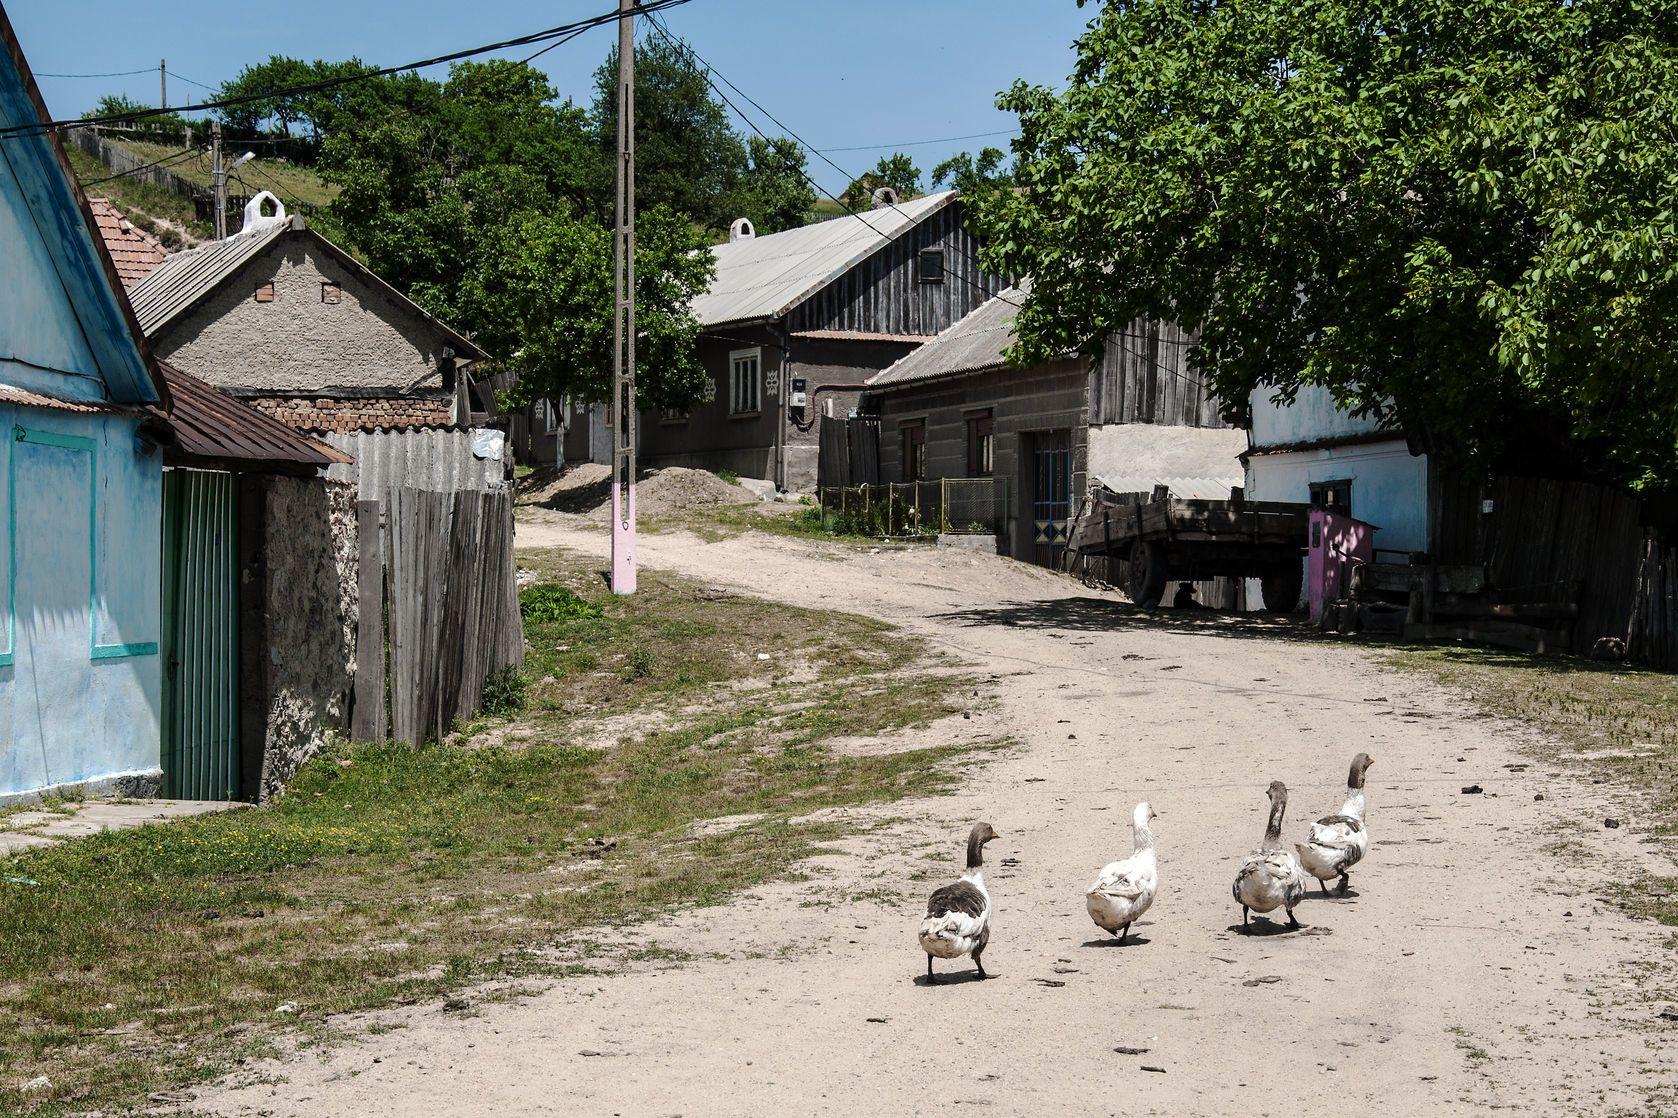 Husy na návsi Rovenska | miropink/123RF.com